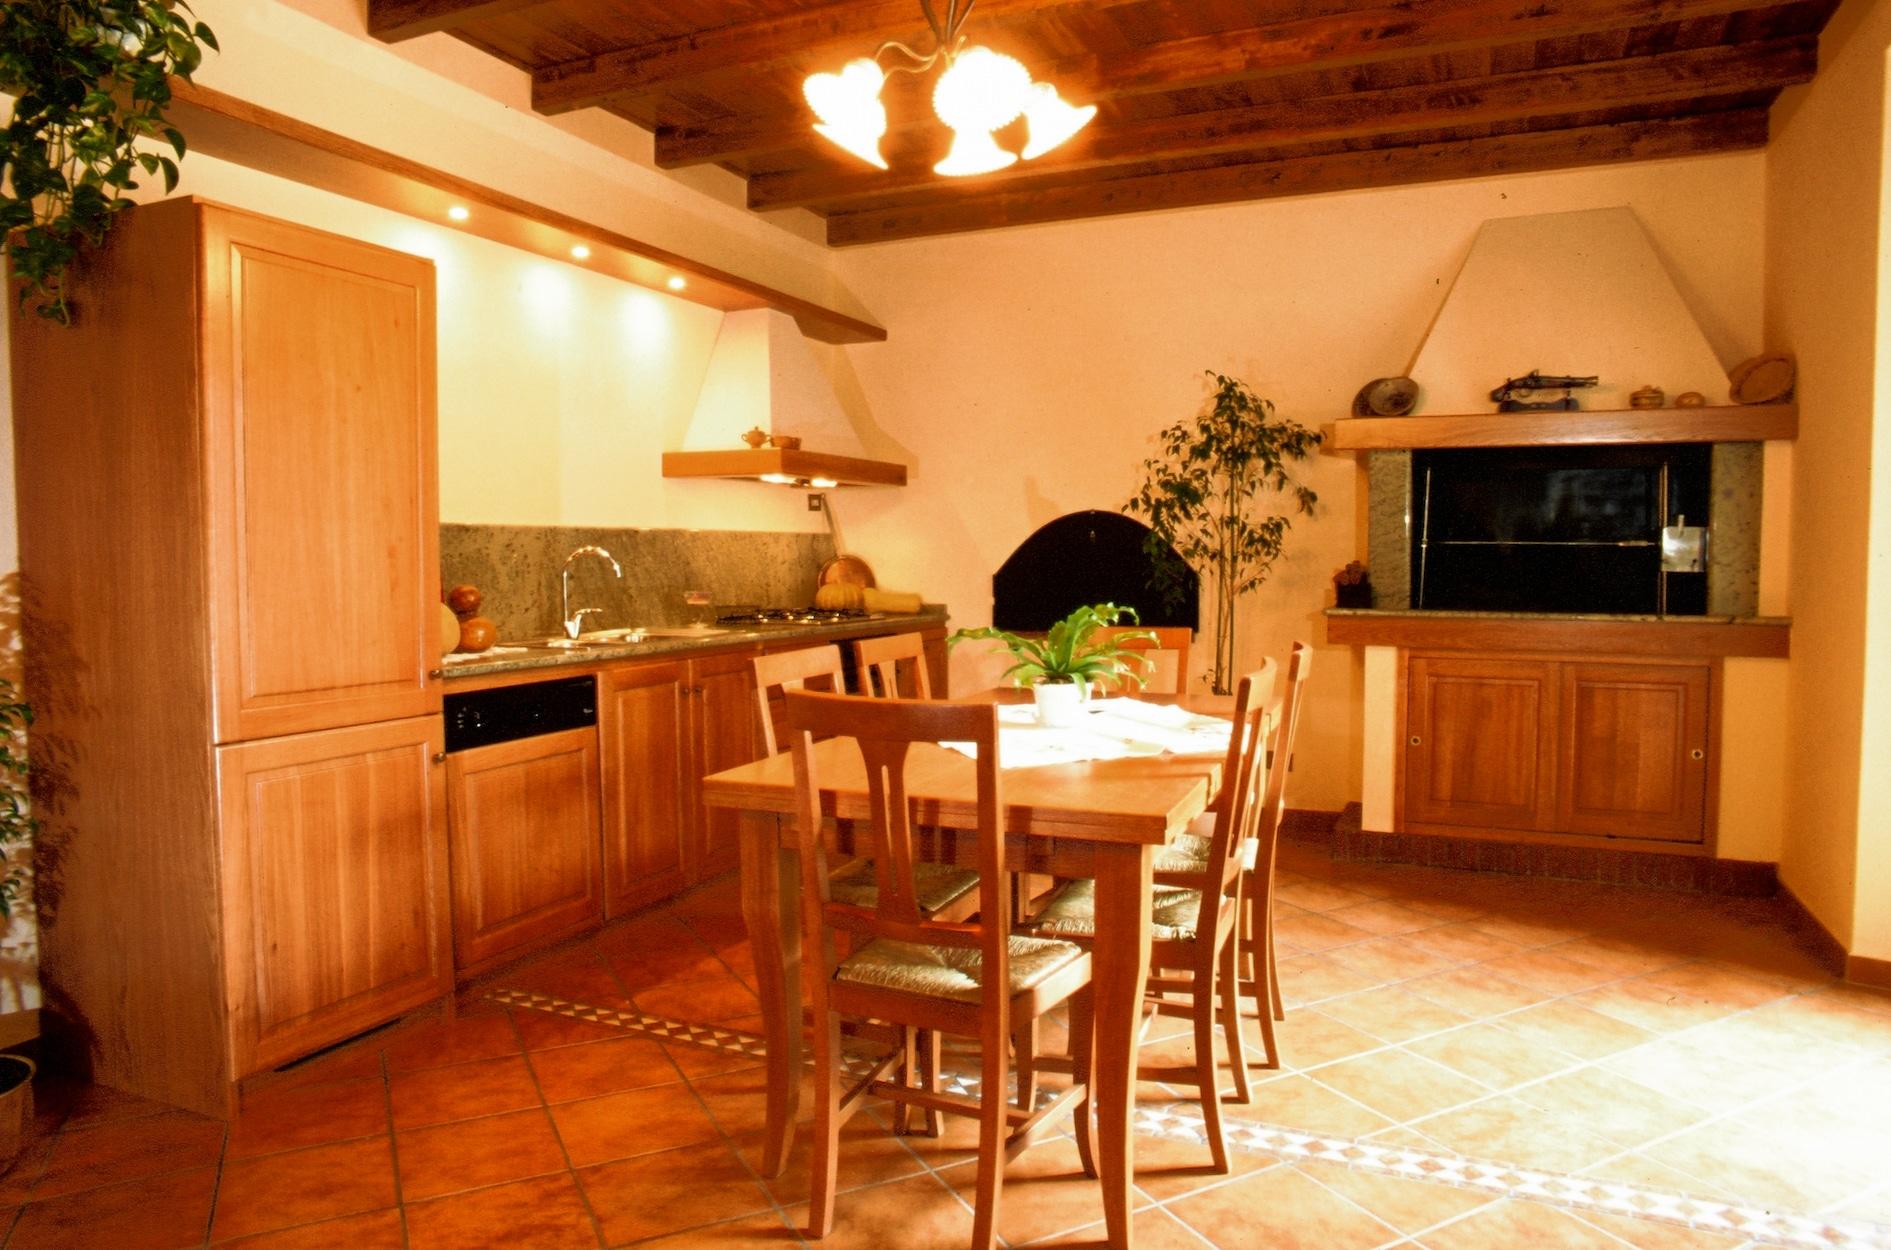 Cucina soggiorno su misura stile classico in legno massello verniciato